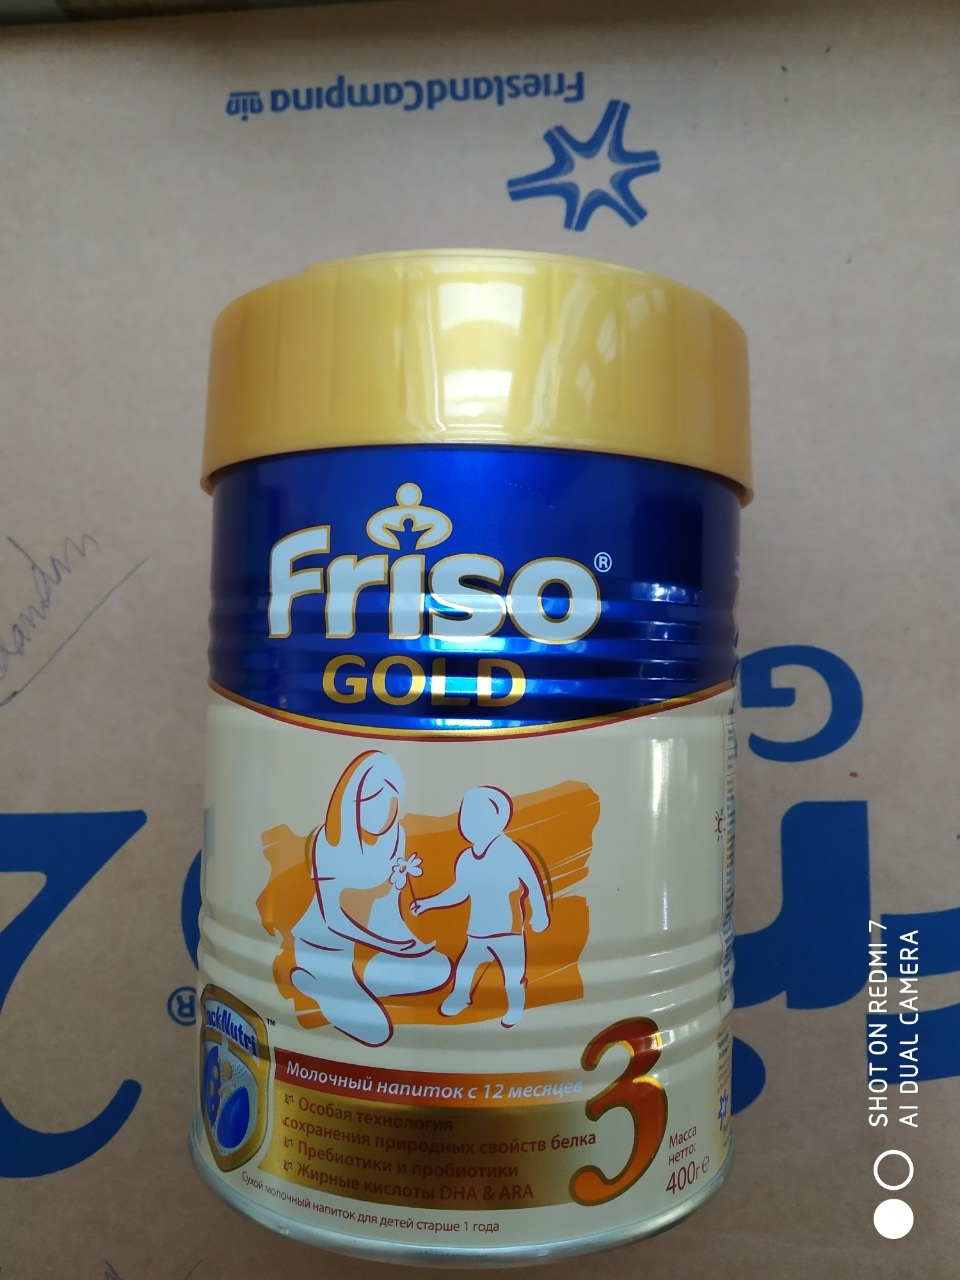 SPDD công thức sữa Frisolac gold 3 400g (Lon)